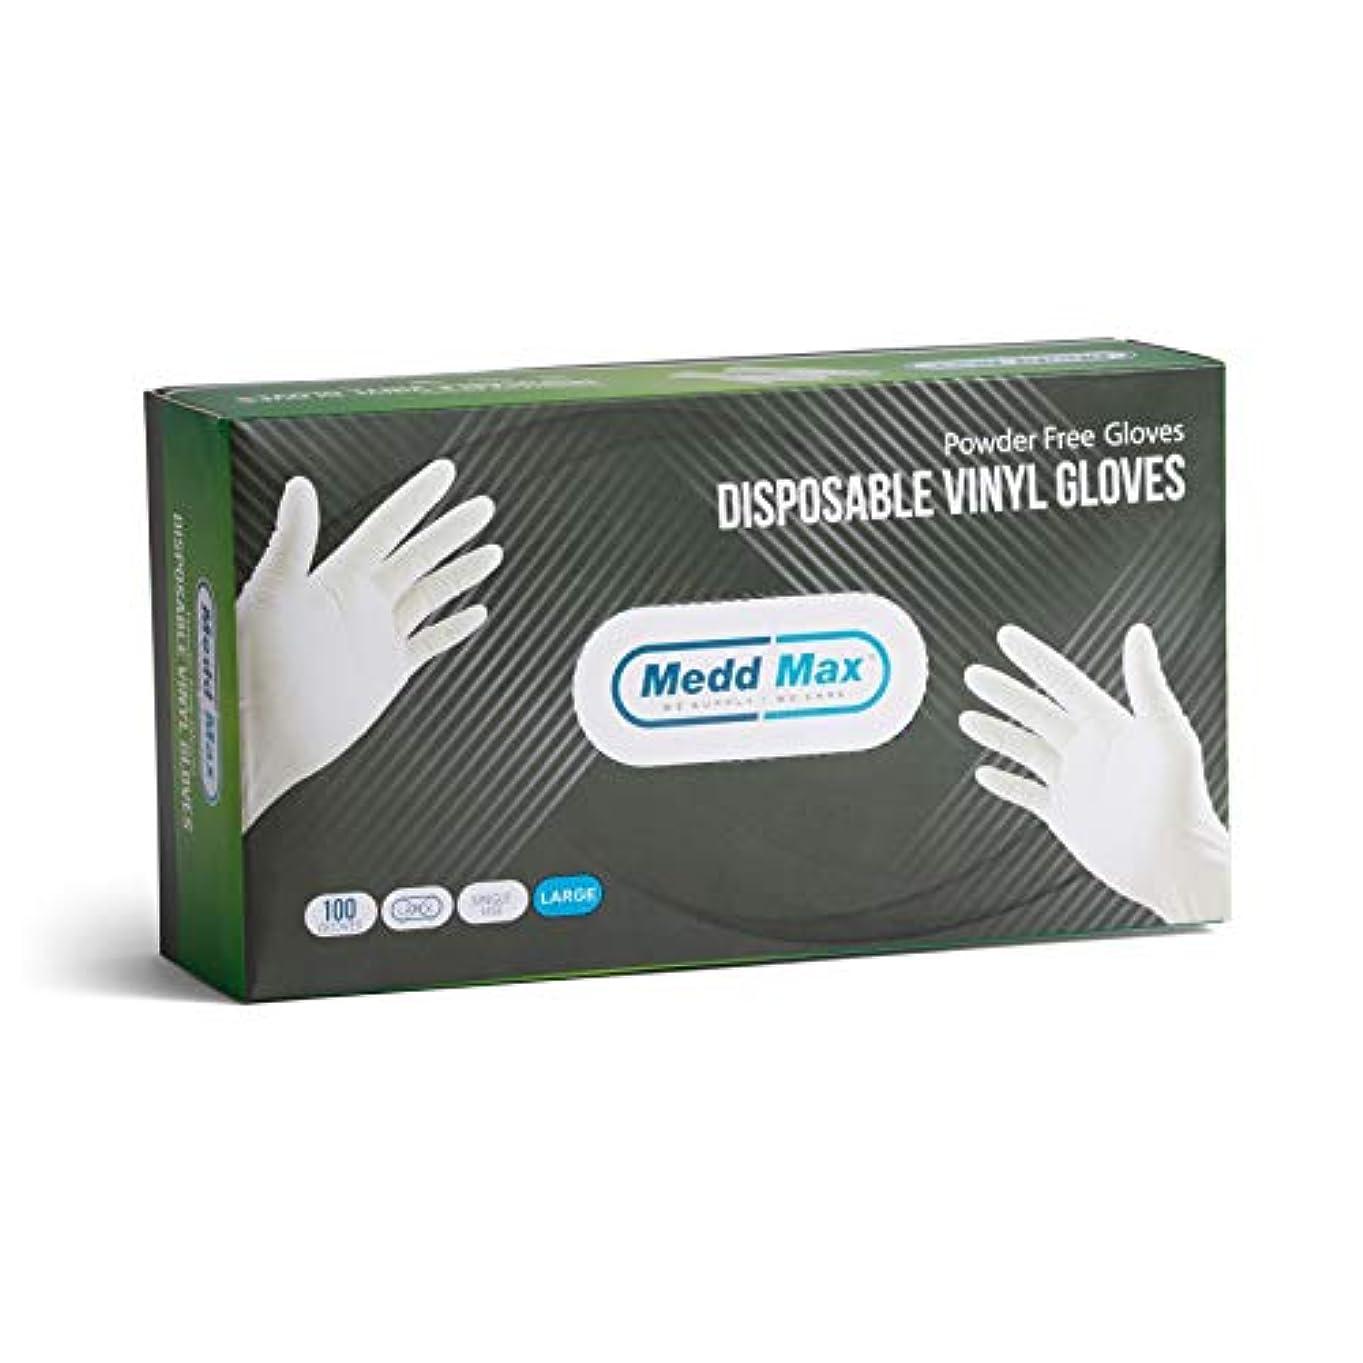 マーティンルーサーキングジュニア時代遅れ満州Medd Max 使い捨て ビニール手袋 パウダー フリーサイズ ラージ 試験グレード 手袋